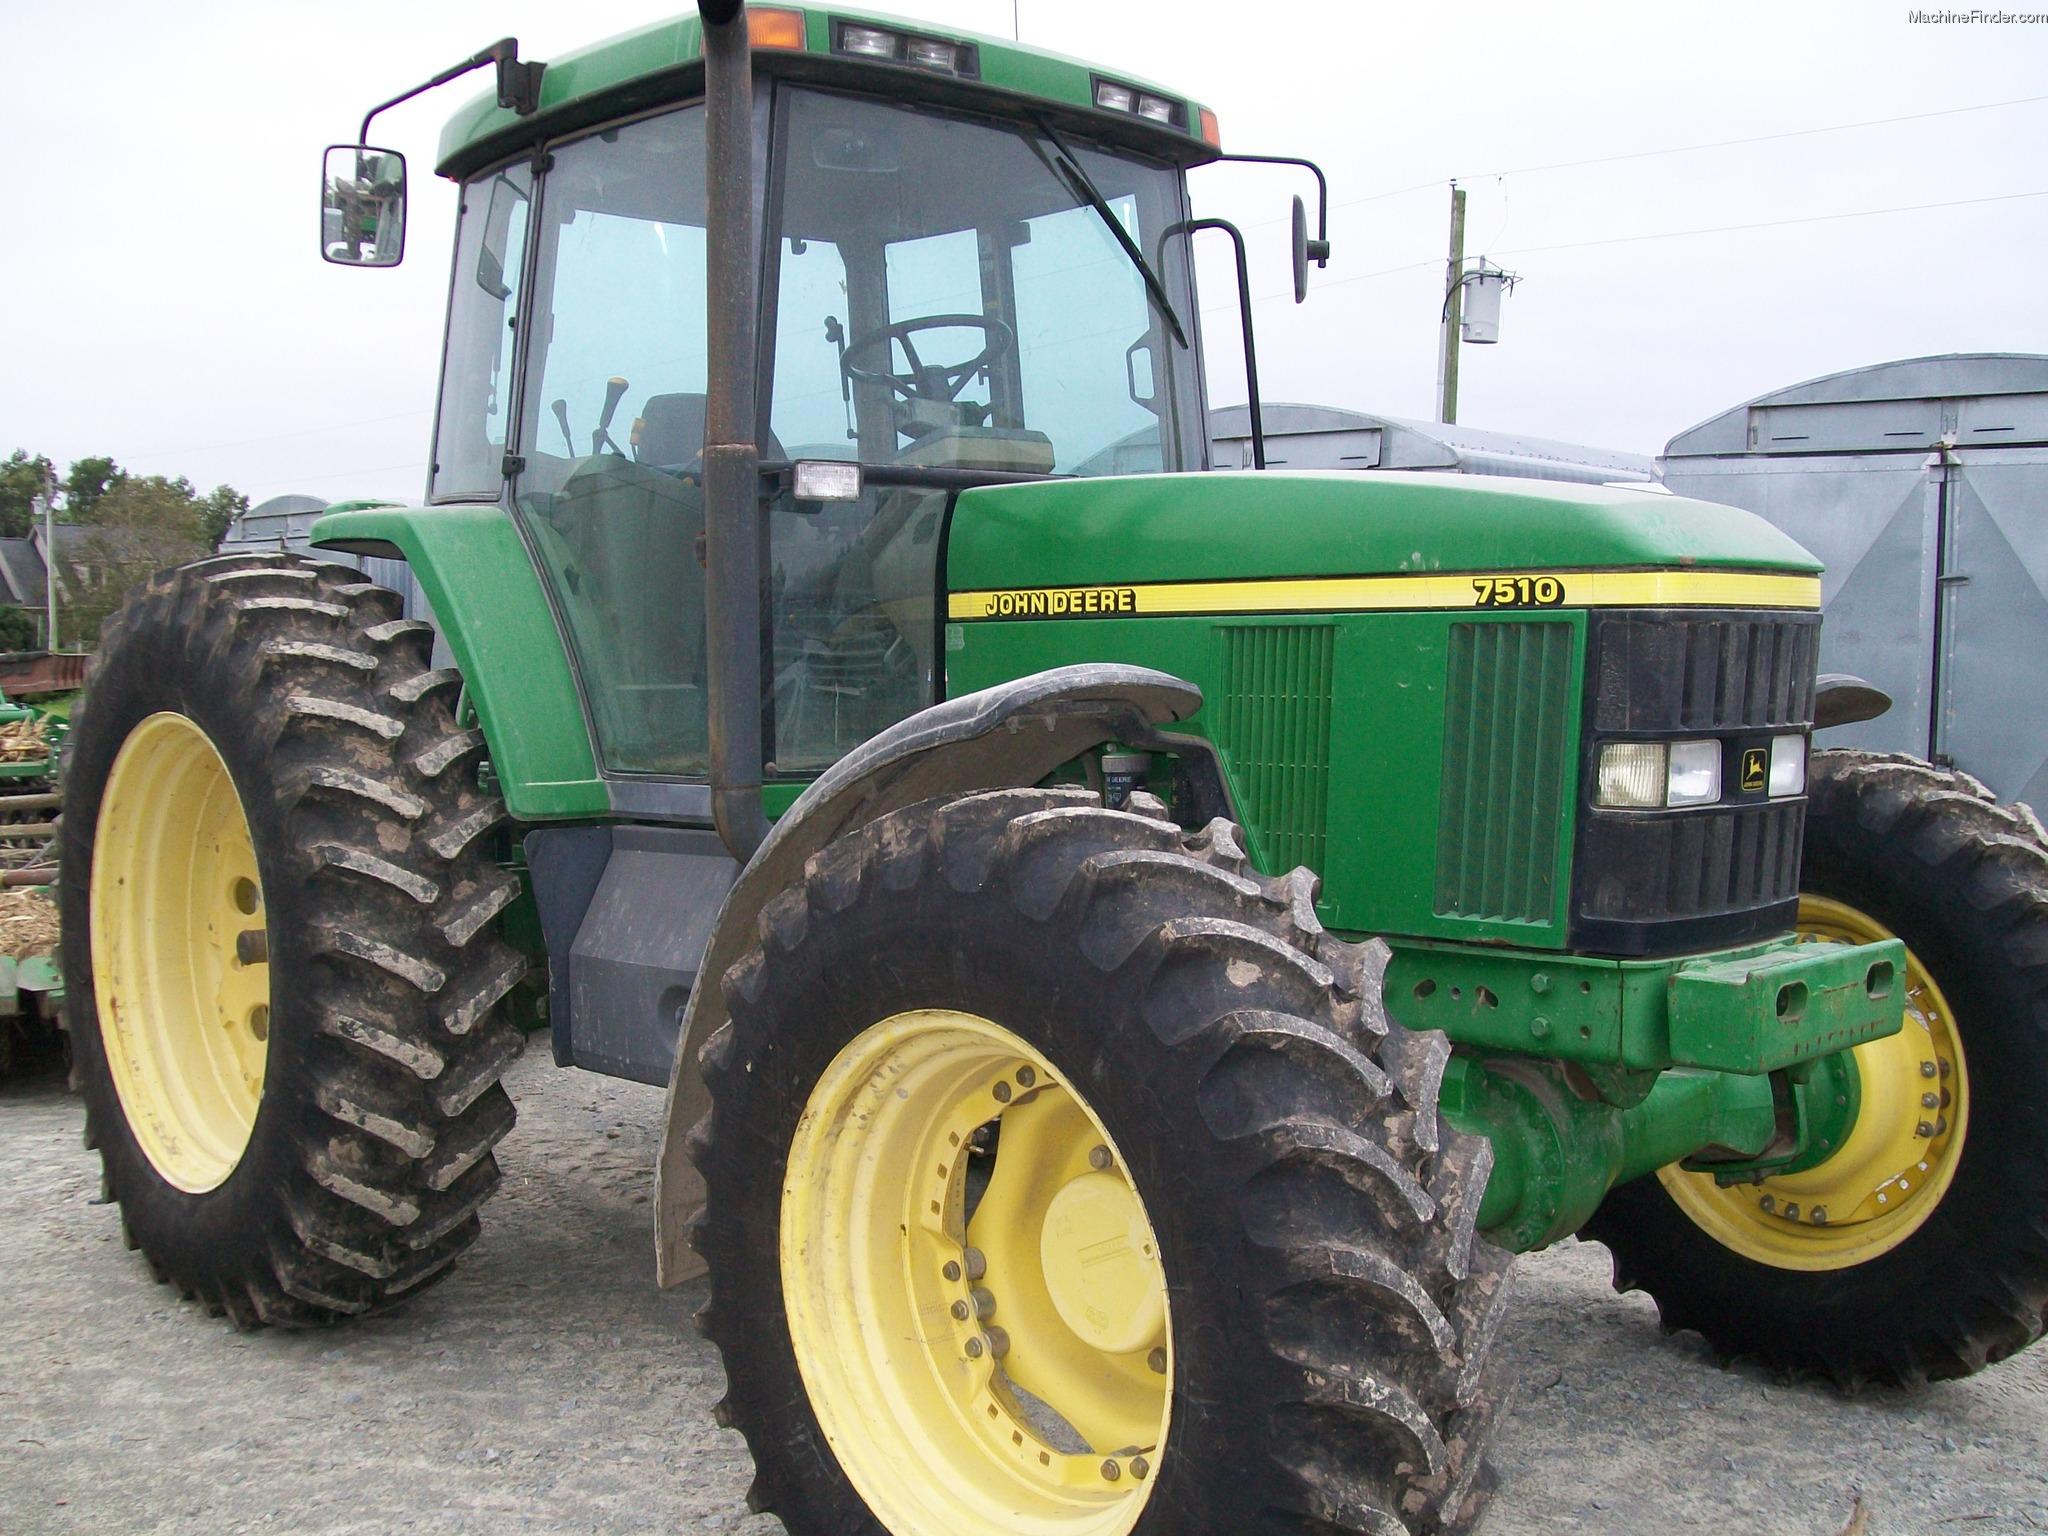 2000 John Deere 7510 Tractors - Row Crop (+100hp) - John ...